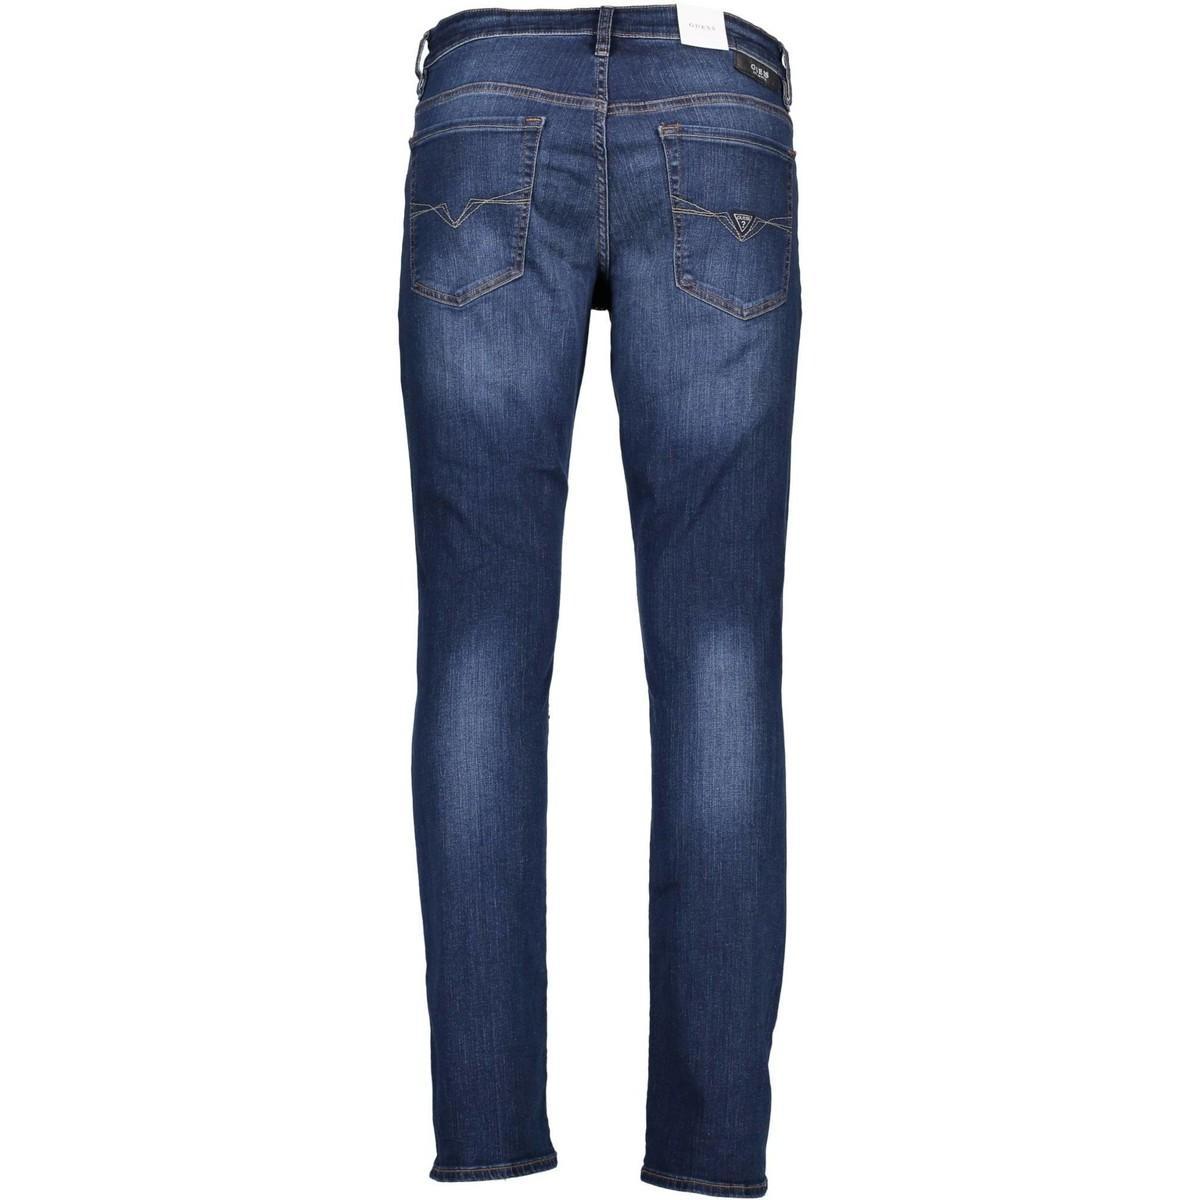 Guess Denim Straight Jeans M83an2d37m0 in het Blauw voor heren